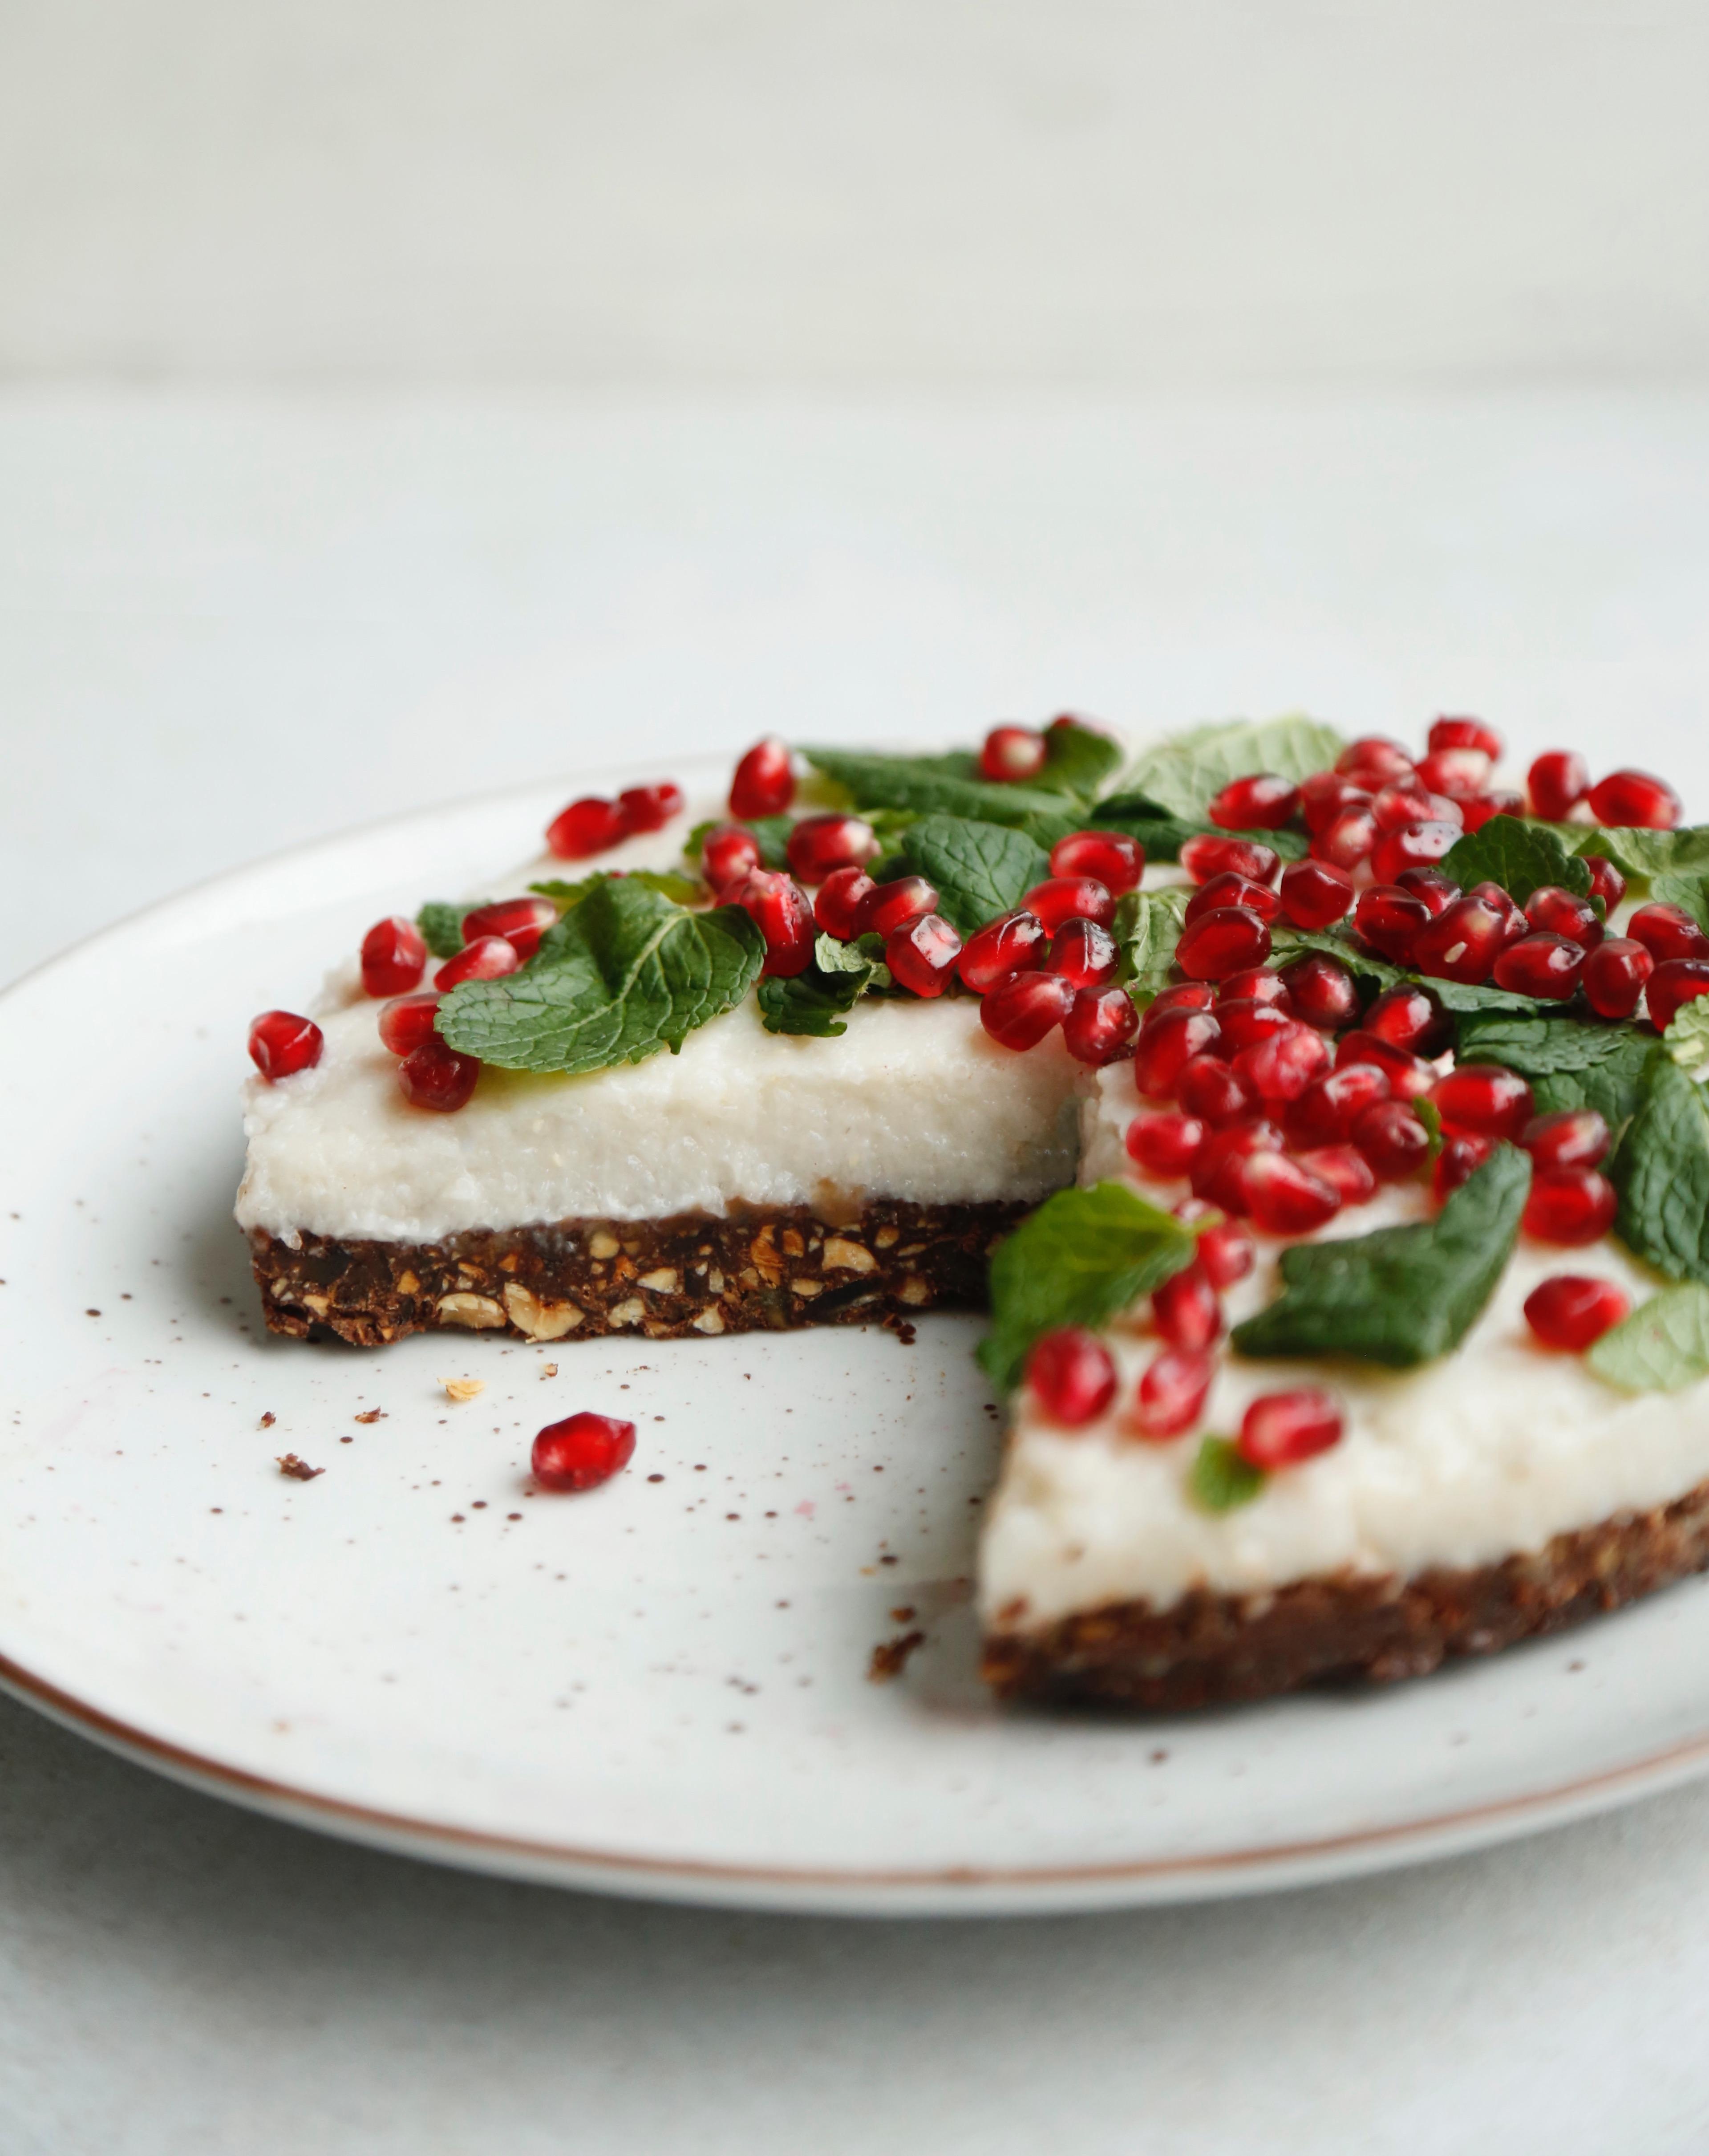 julekage-med-sproed-chokoladebund-og-en-rest-af-risengroed-4